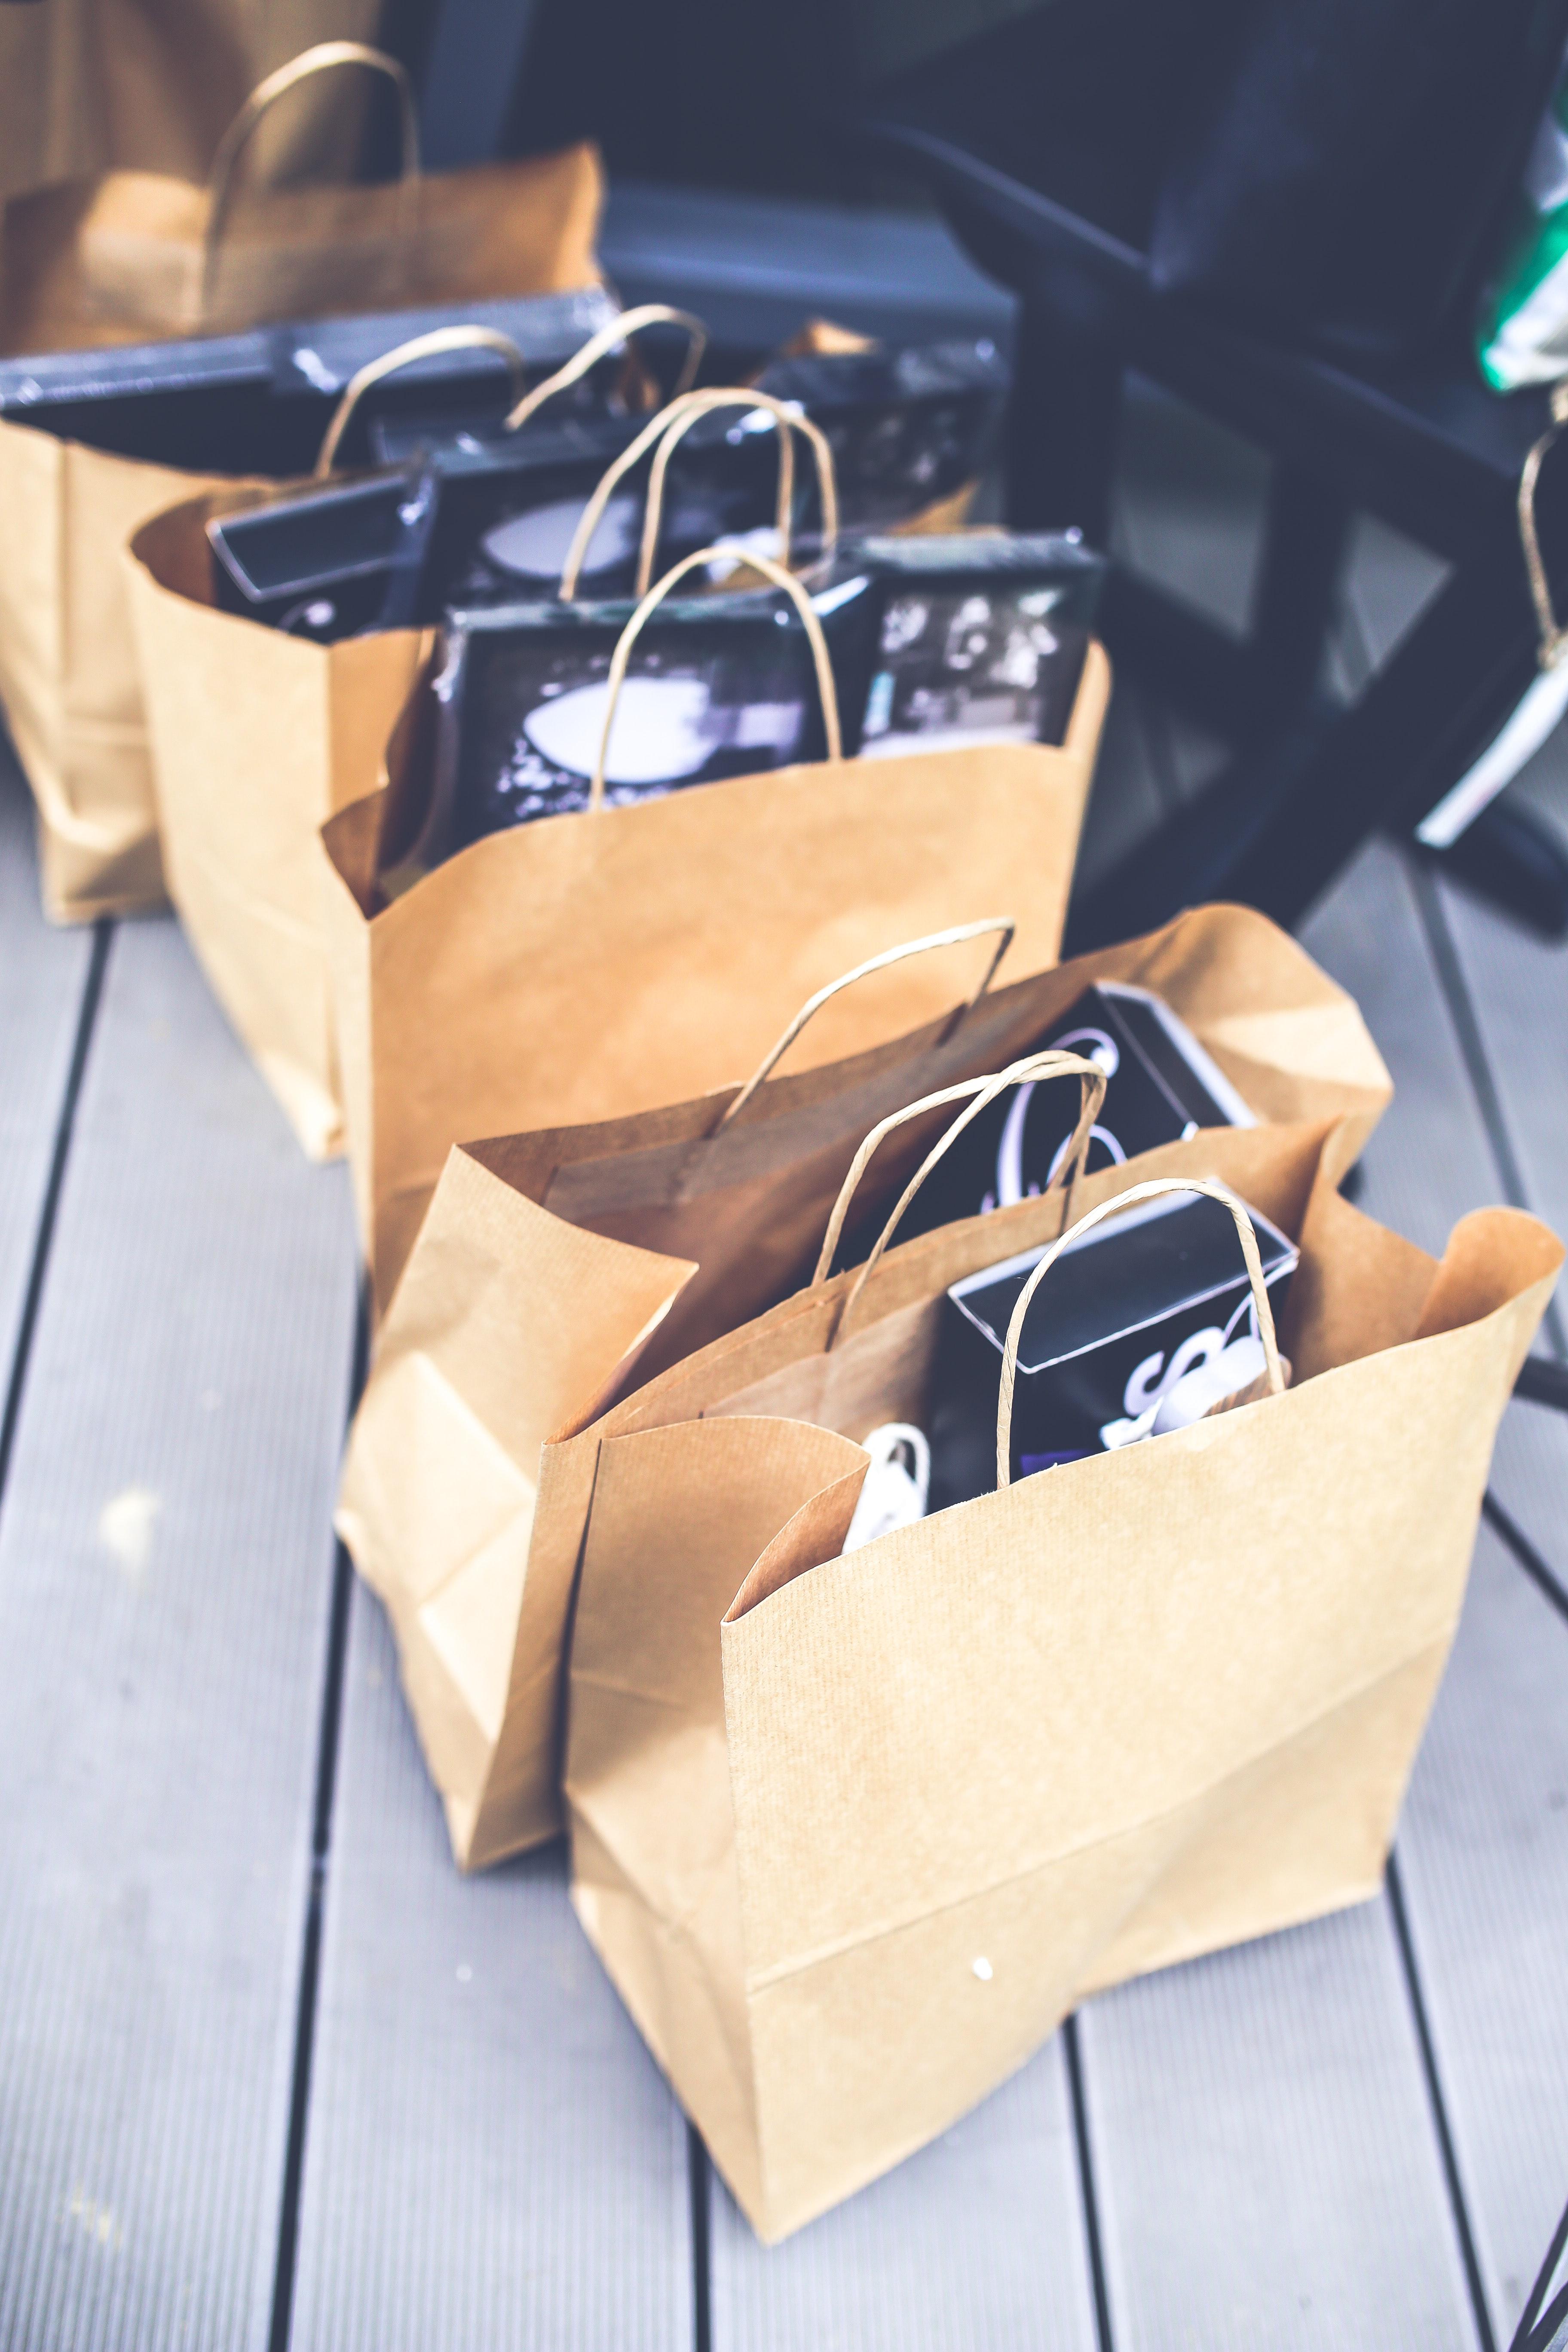 Shopping bags, Market, Stock, Shopping, Shop, HQ Photo